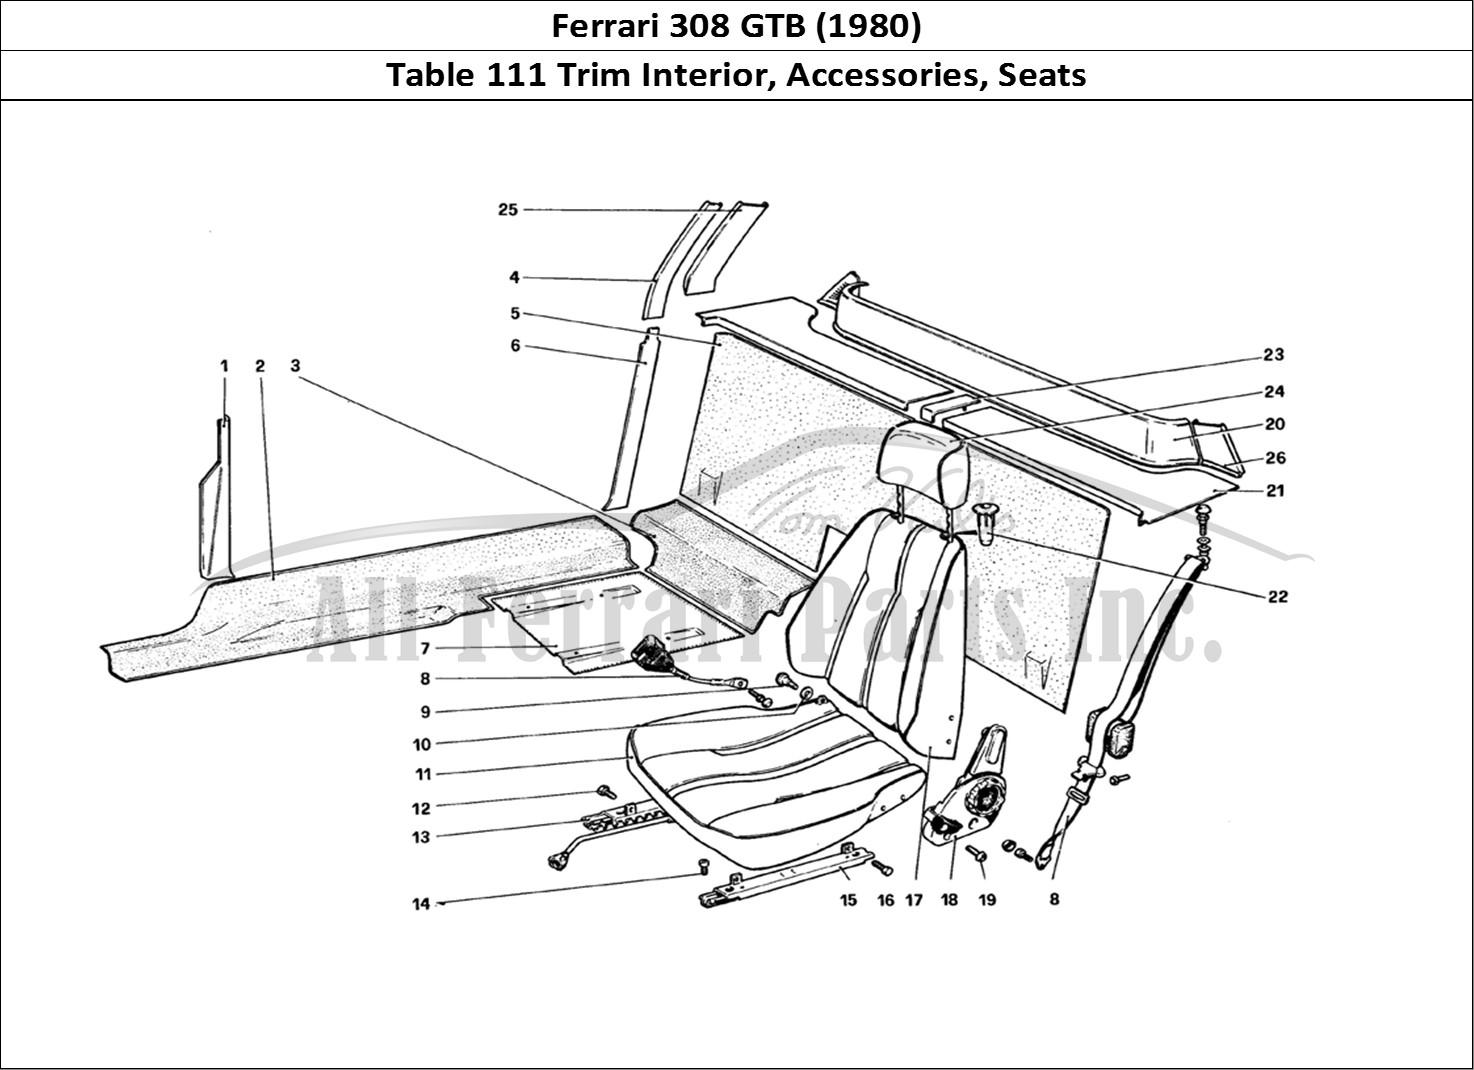 Buy original Ferrari 308 GTB (1980) 111 Trim Interior